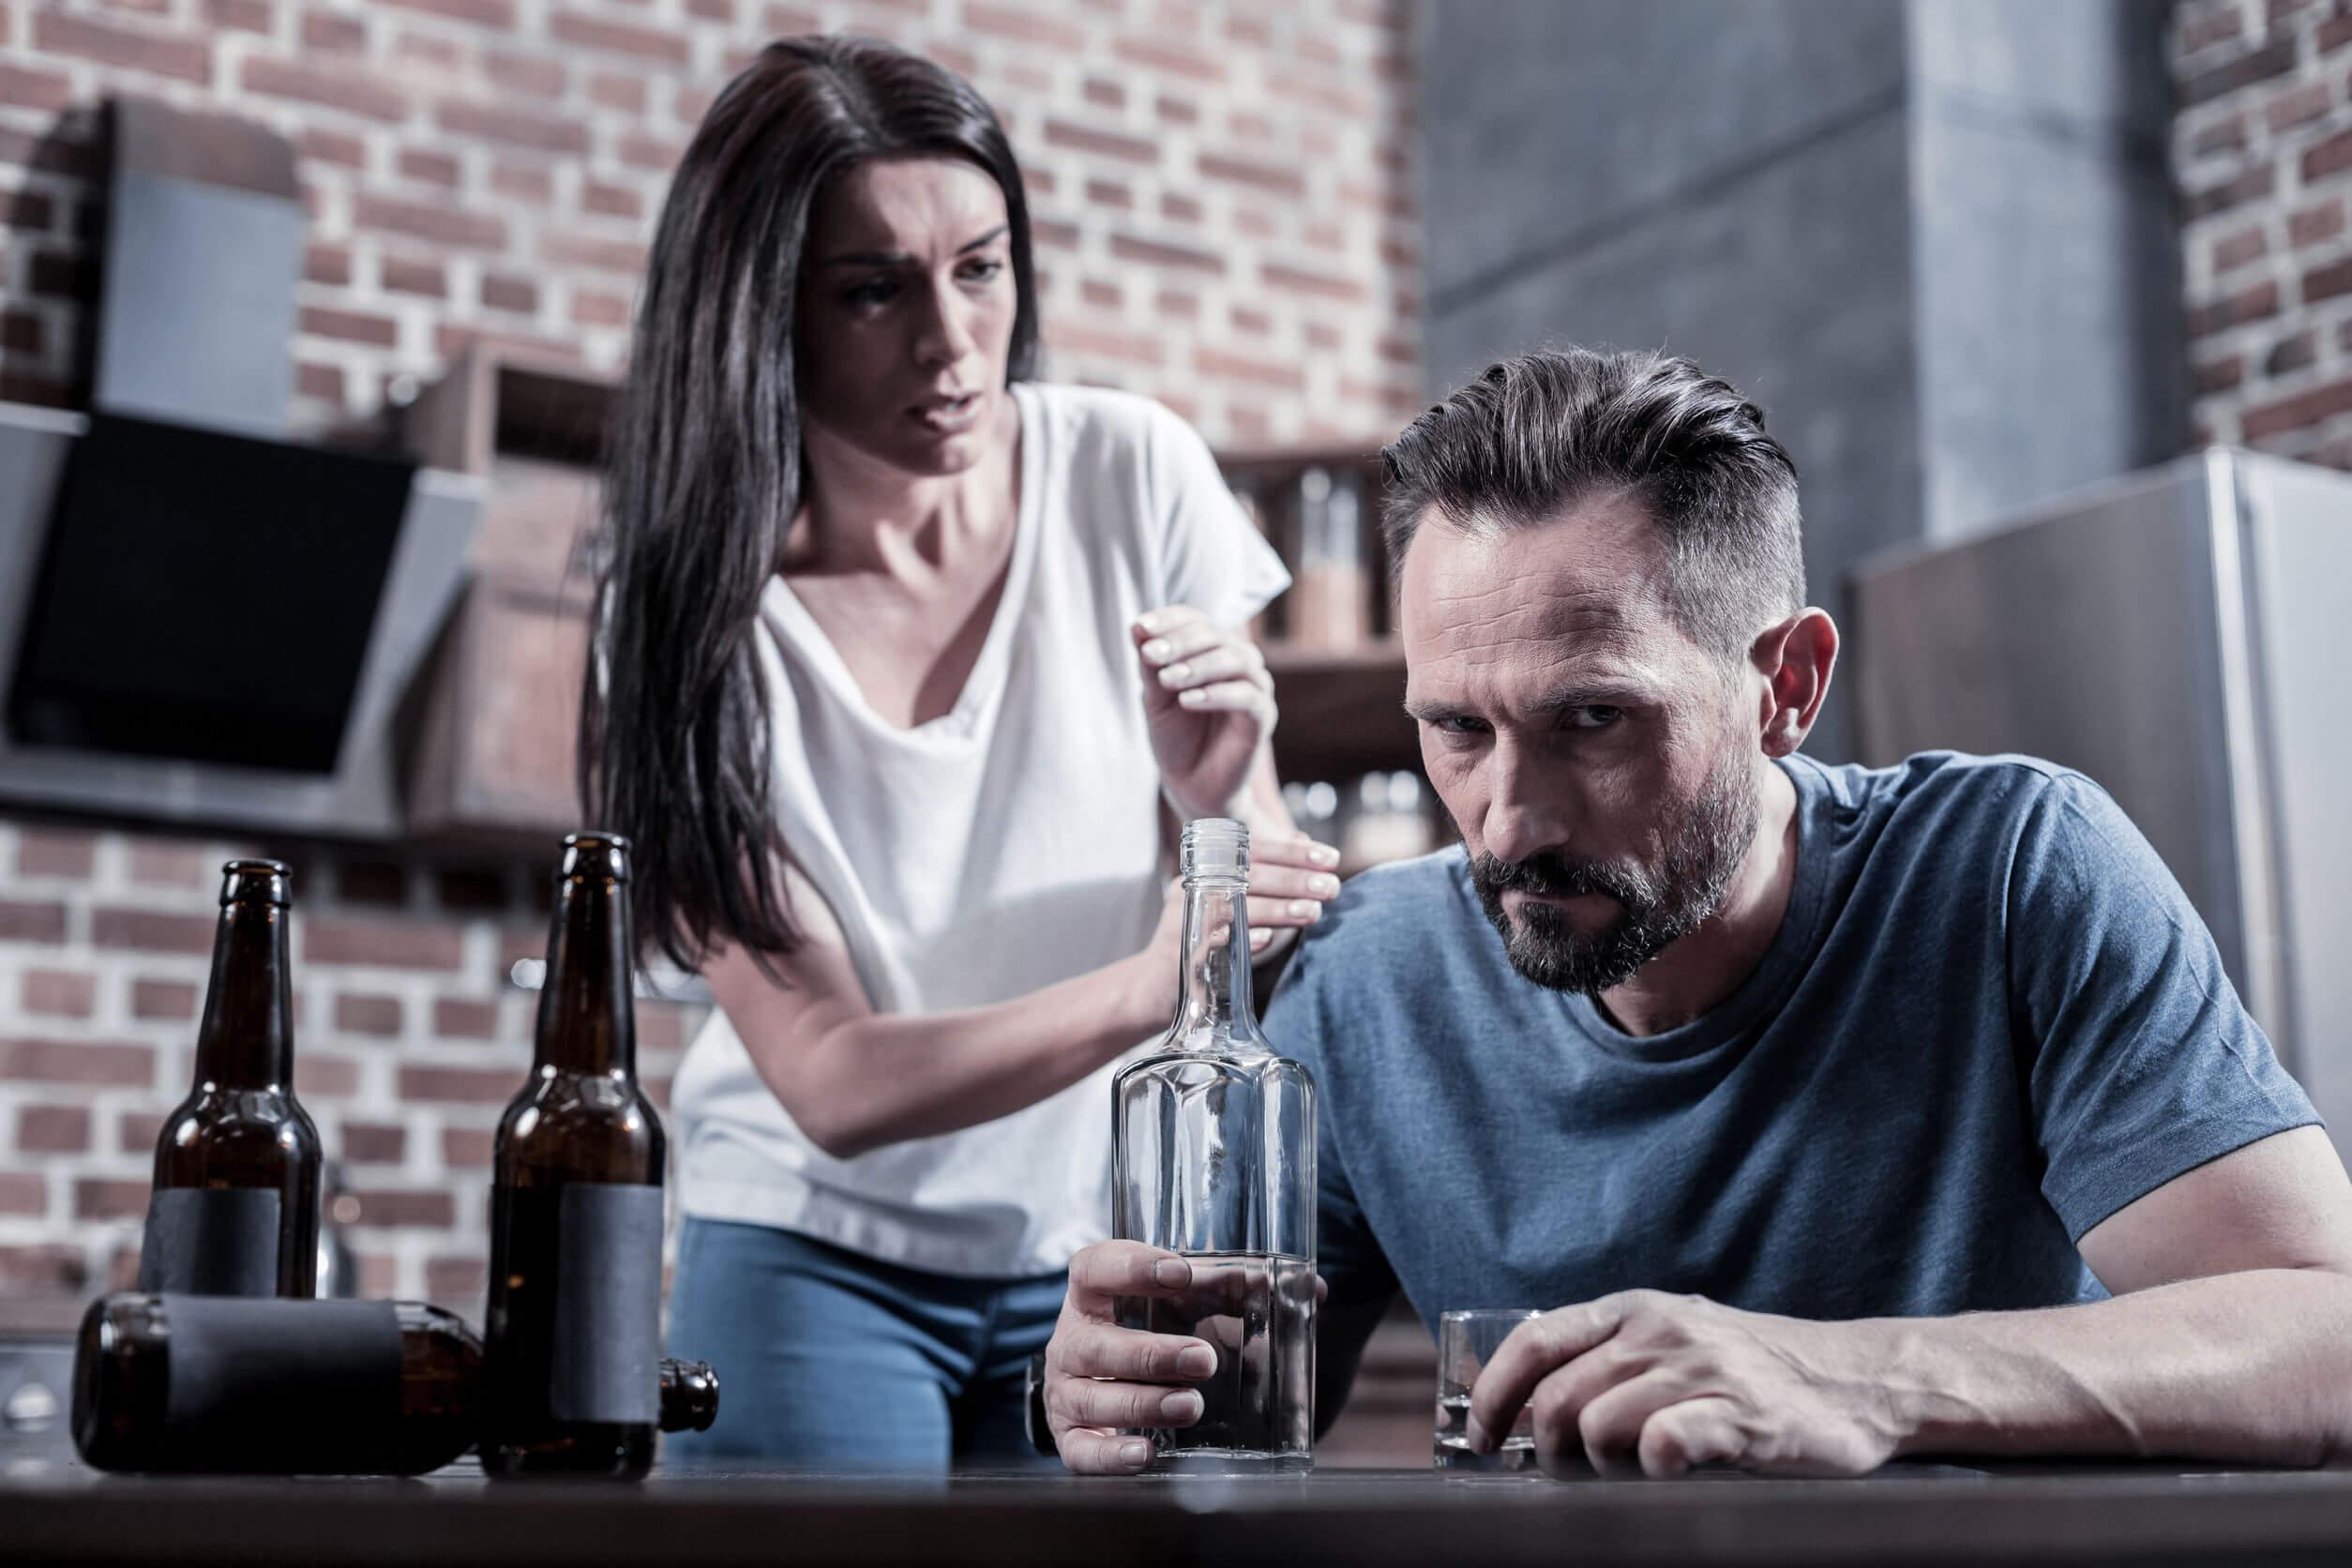 Les effets de l'alcool sur le cerveau peuvent entraîner des problèmes de coexistence.